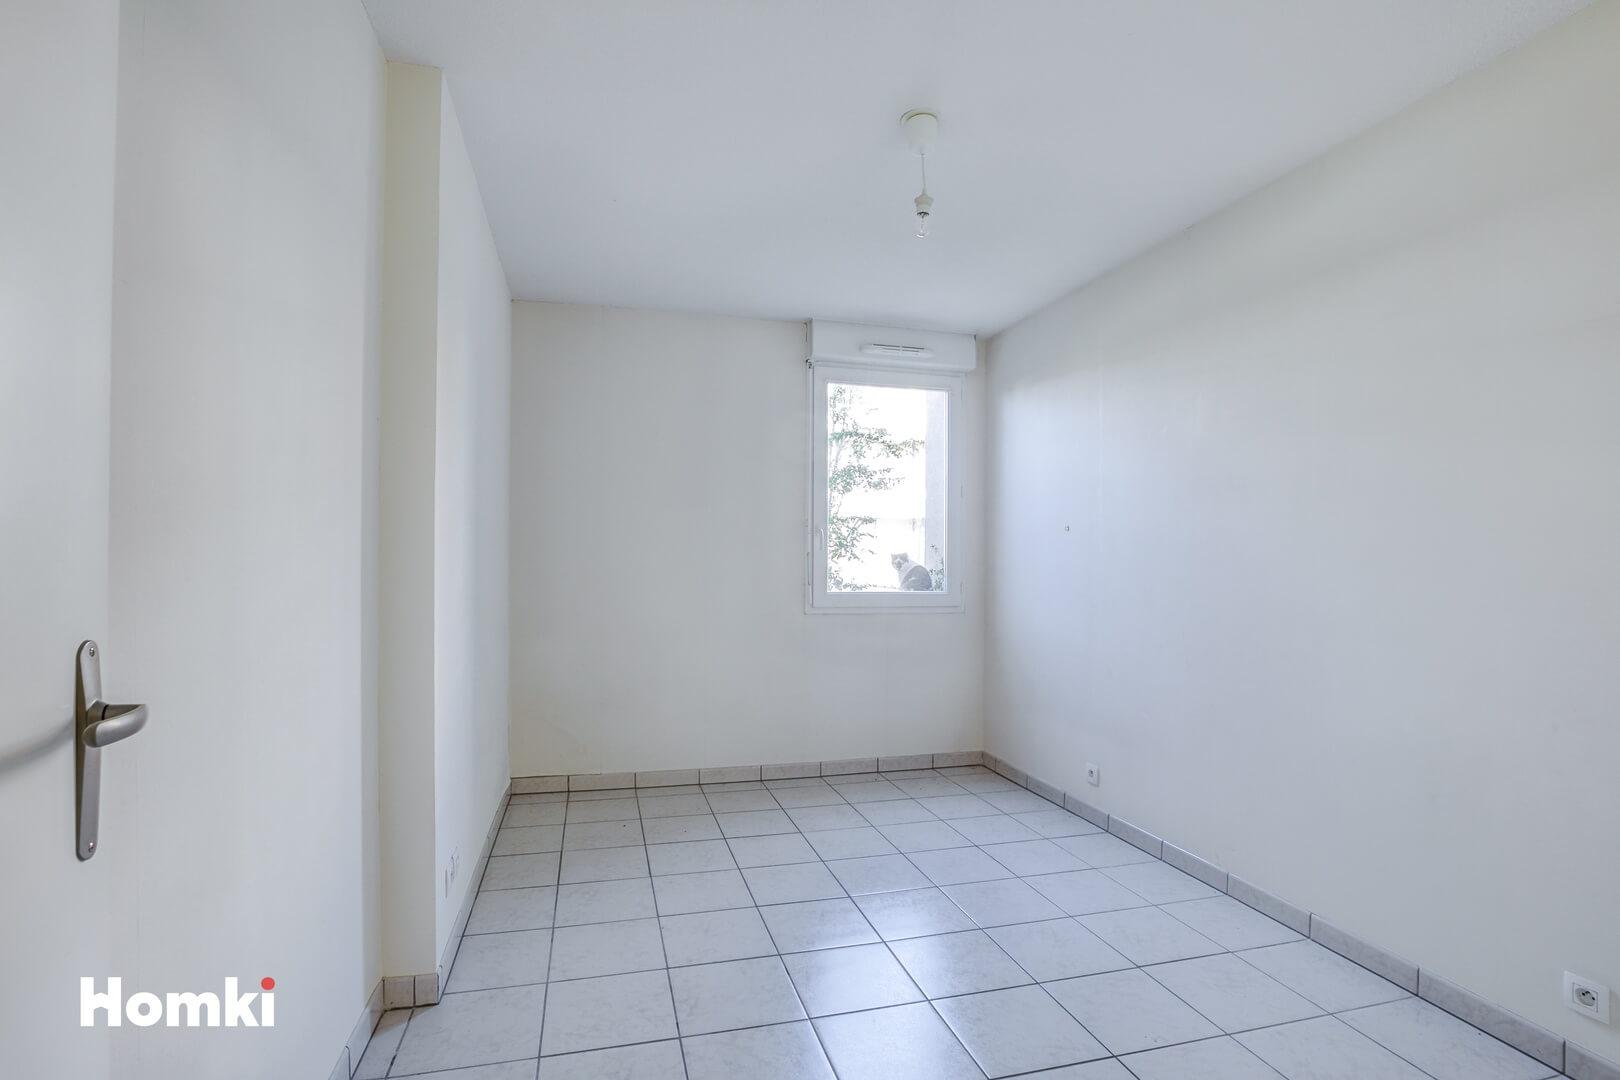 Homki - Vente Appartement  de 85.0 m² à Balma 31130